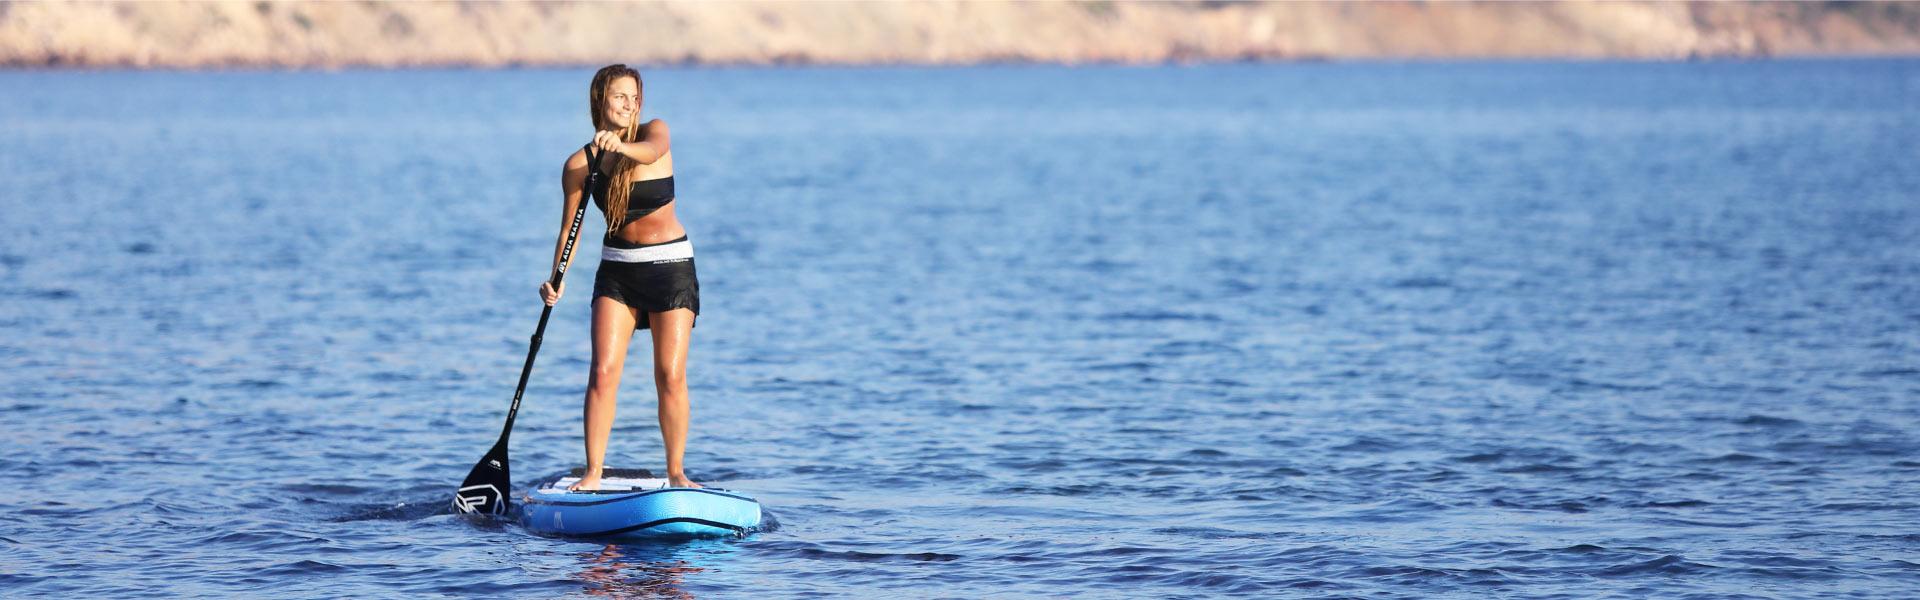 aqua marina triton sup paddle board